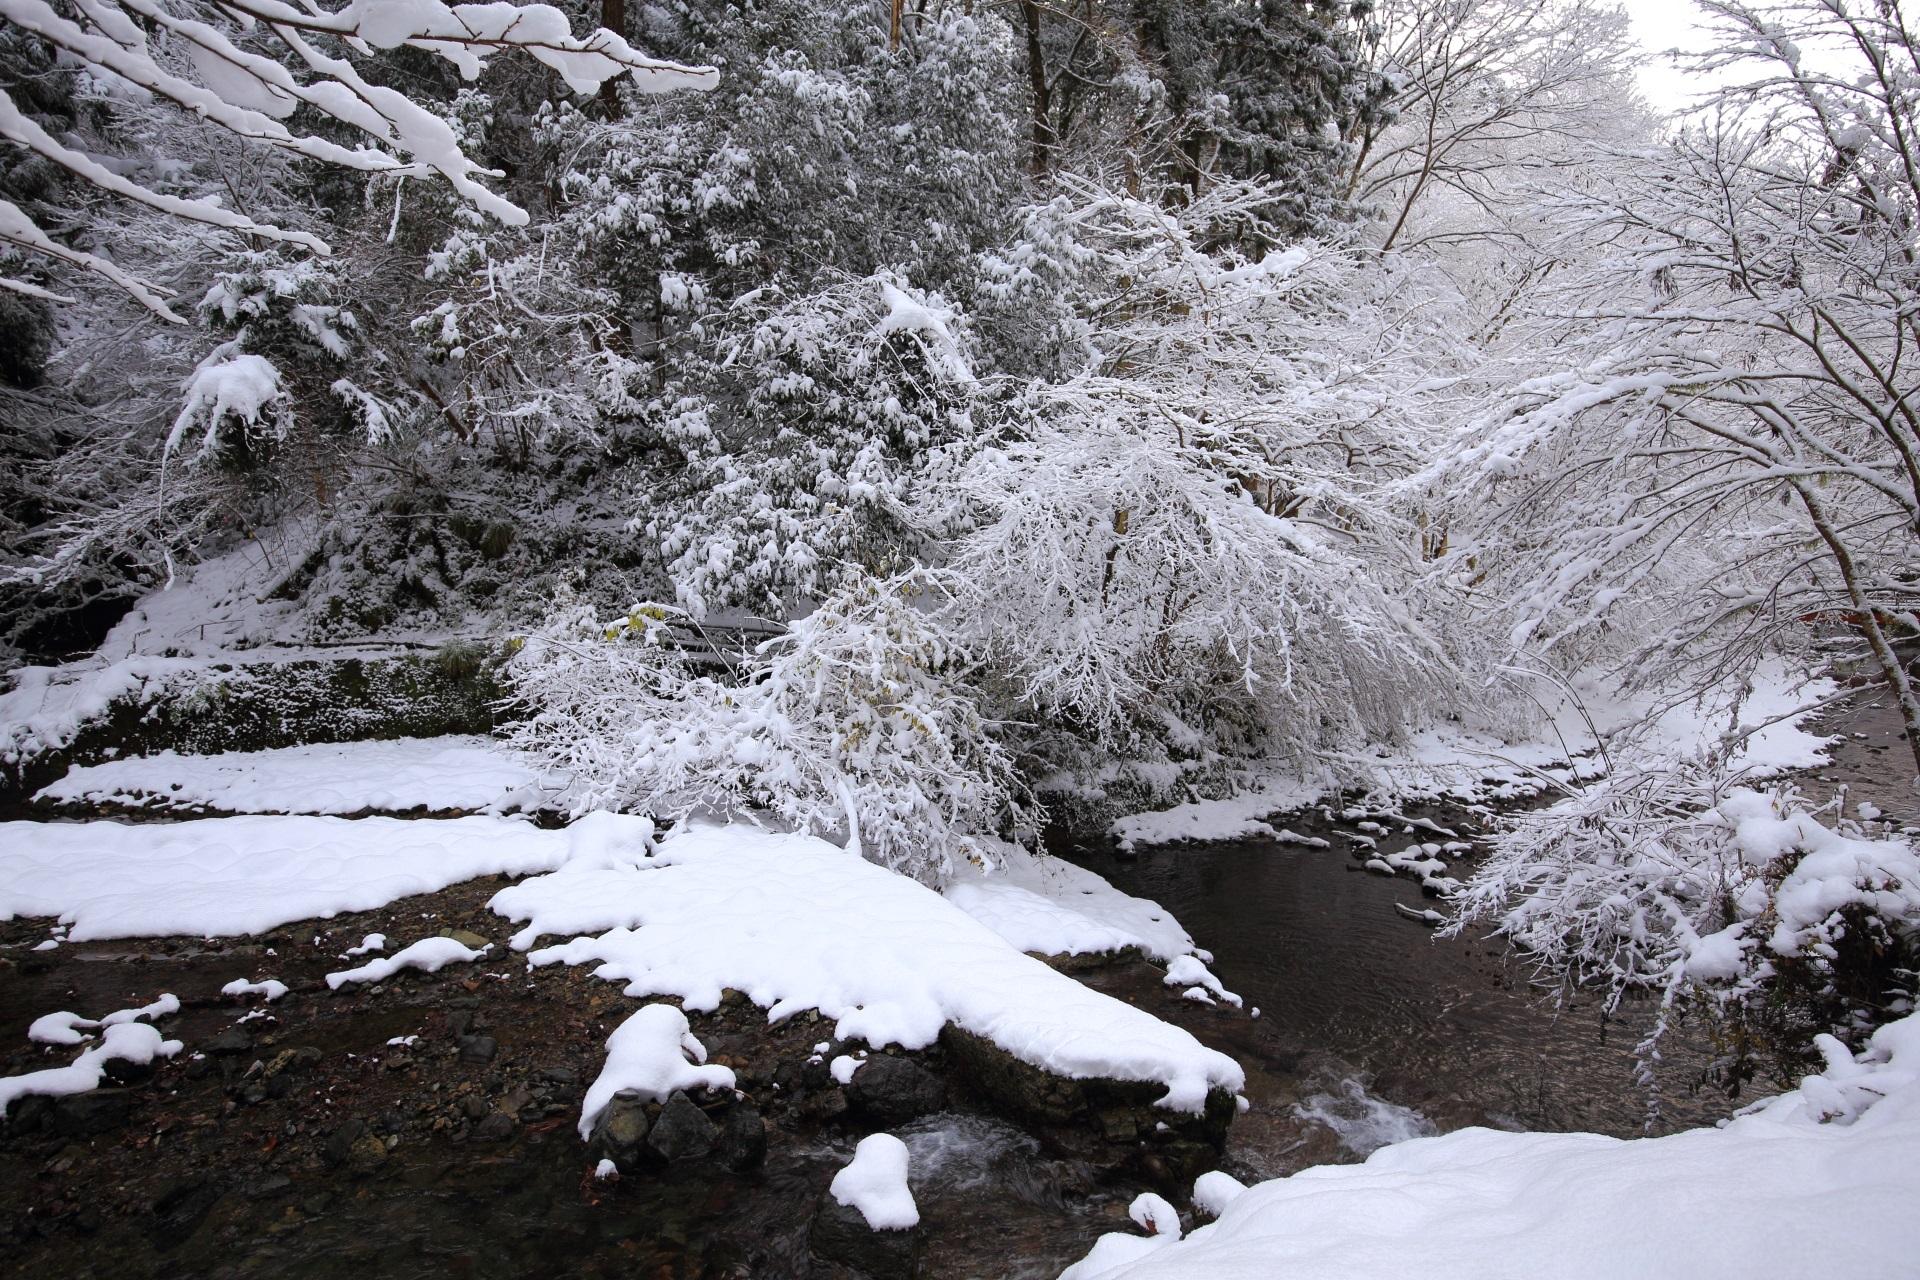 貴船川の水辺を彩る見事な雪景色